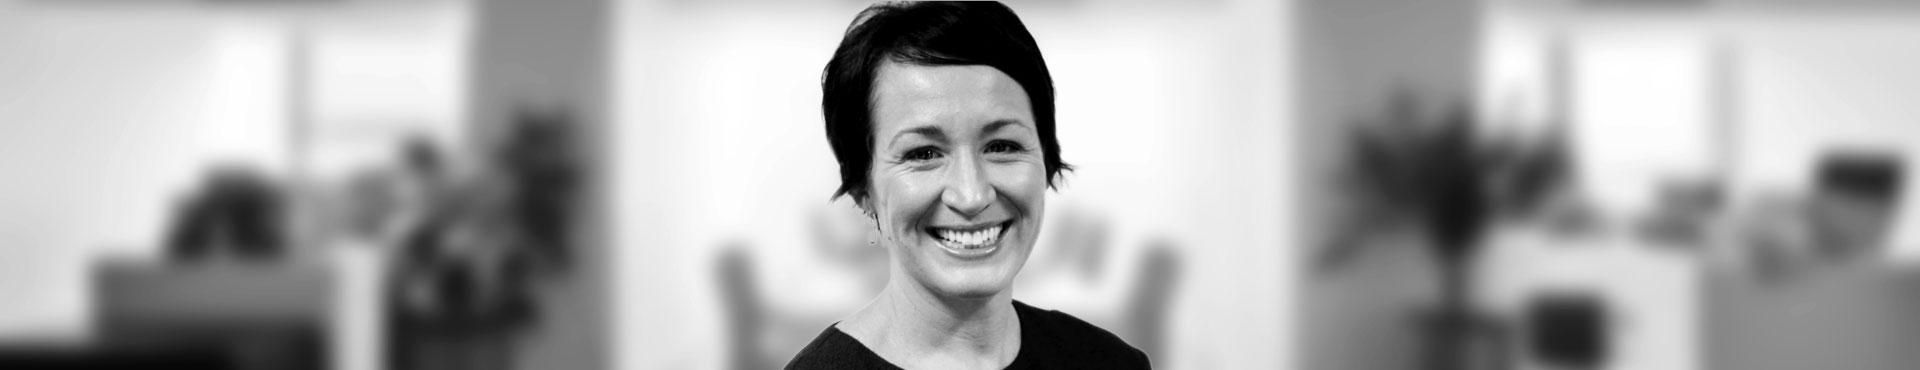 Lisa Flynn | Shine Lawyers